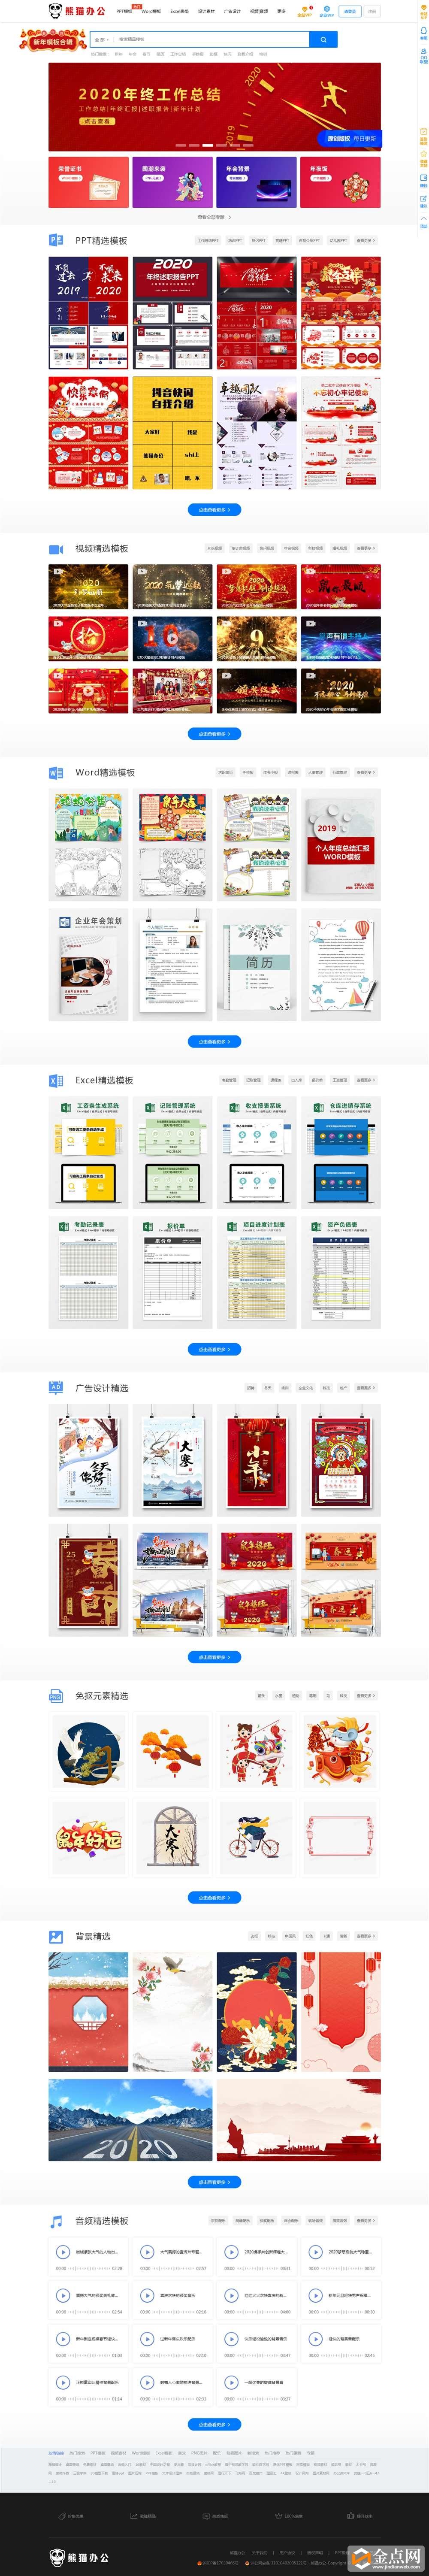 仿熊猫办公网1